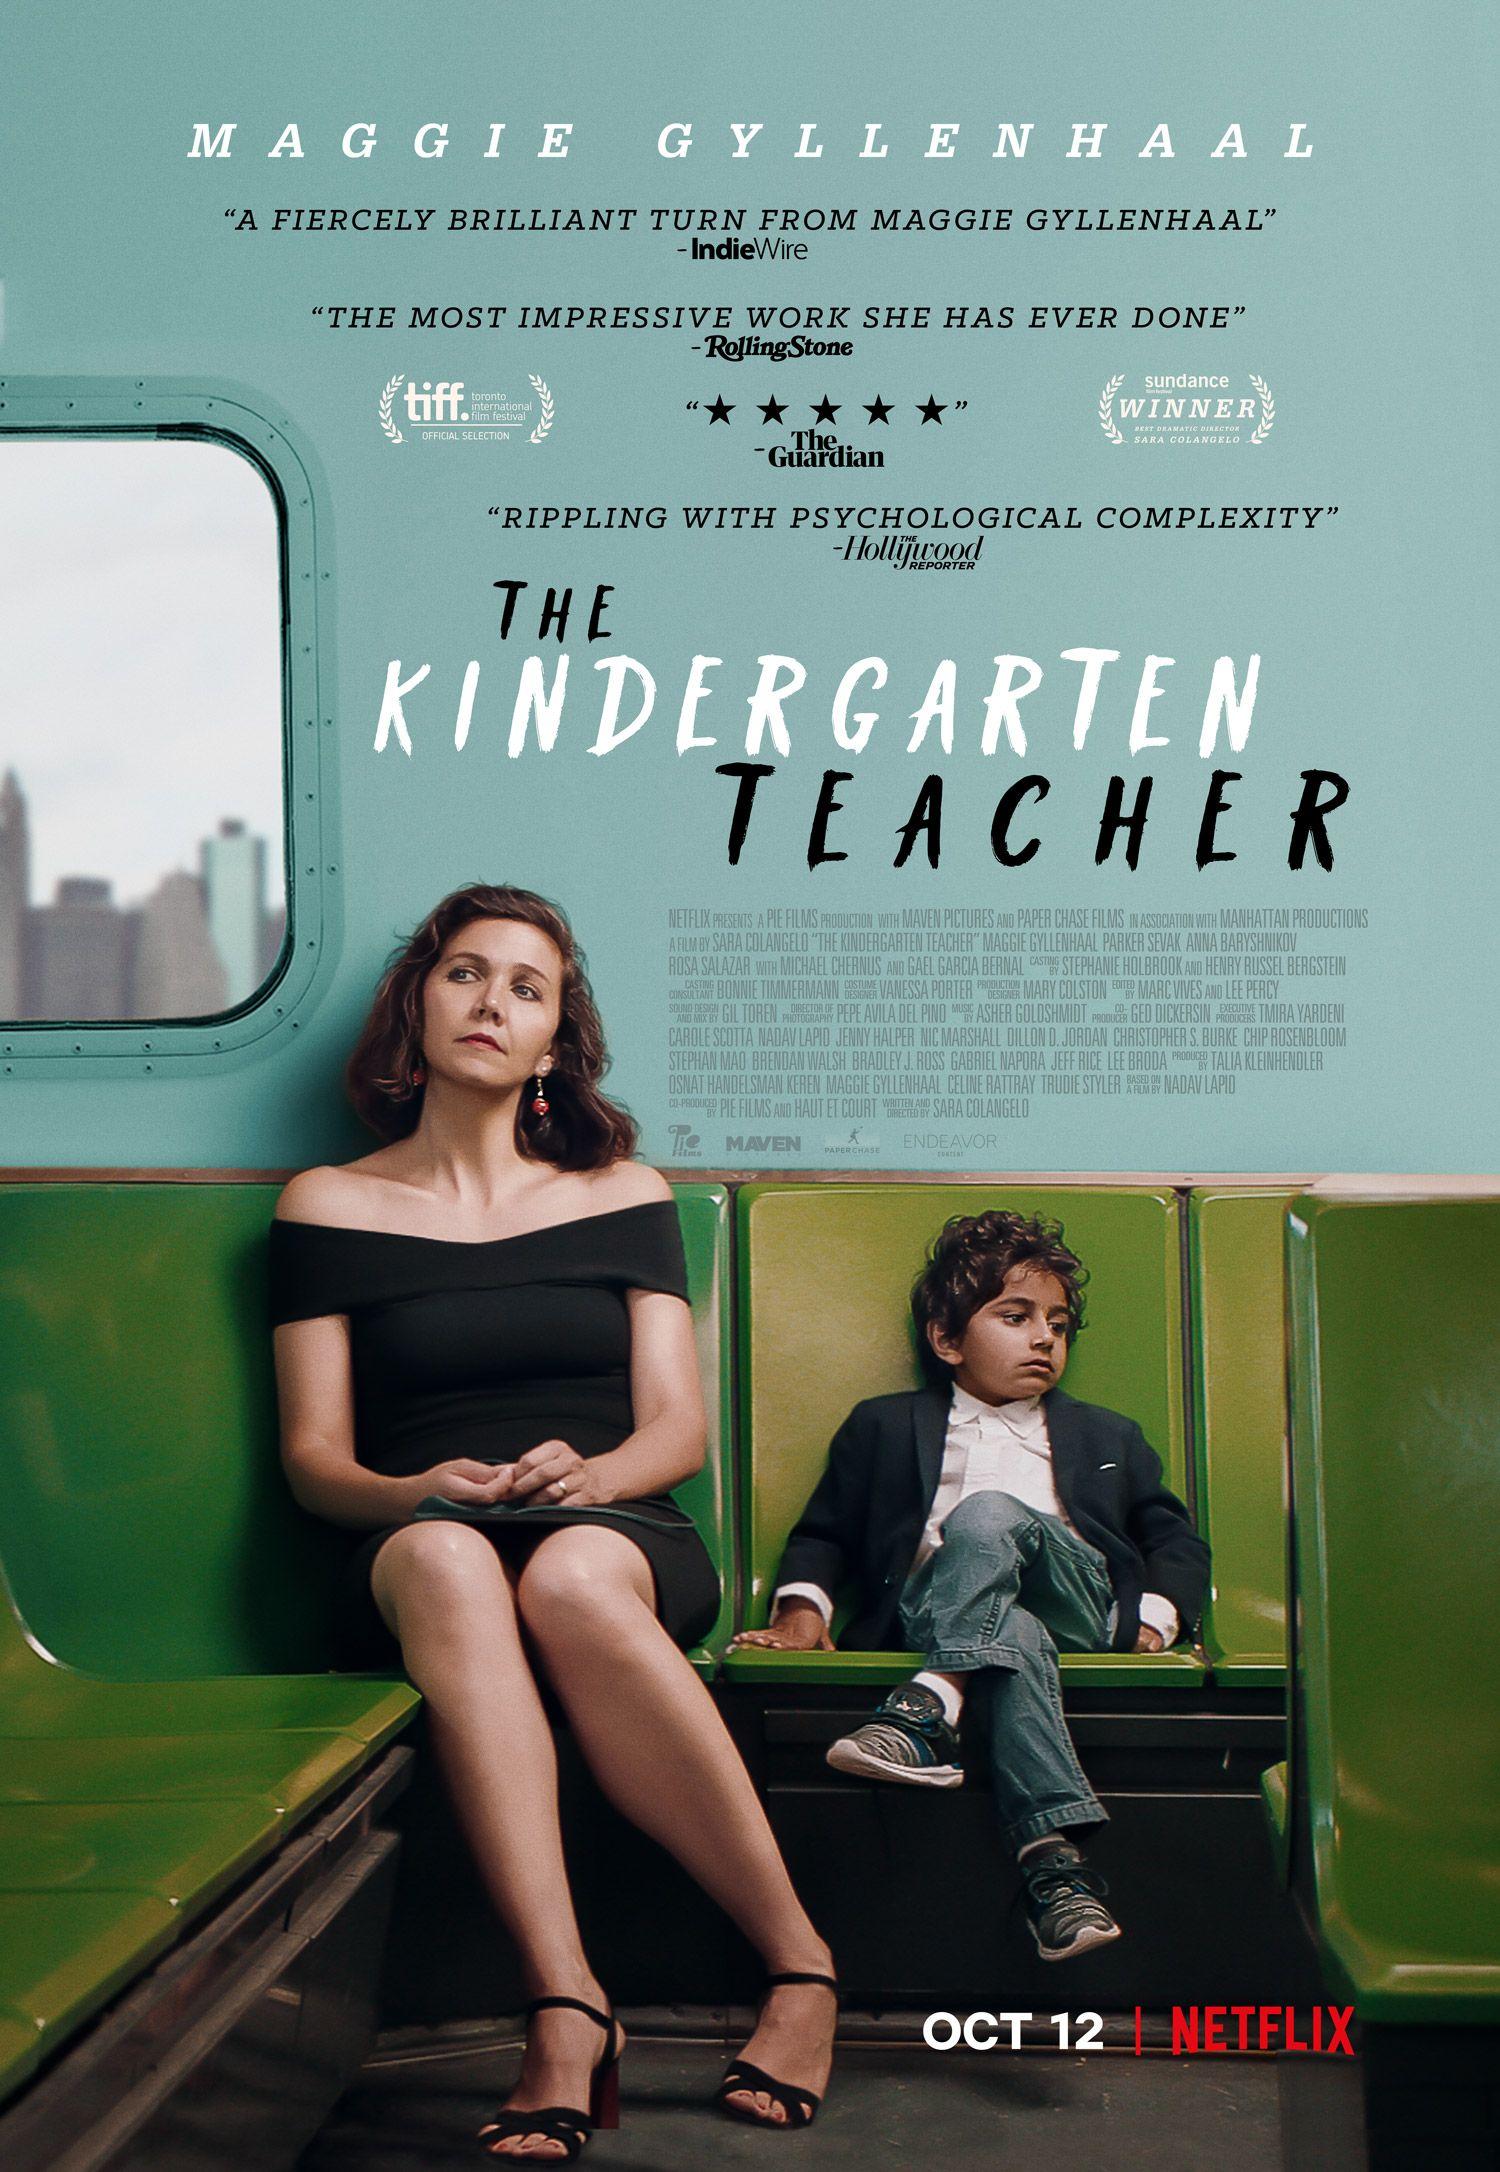 The Kindergarten Teacher (Sara Colangelo) | MOVIES OF 2018 in 2019